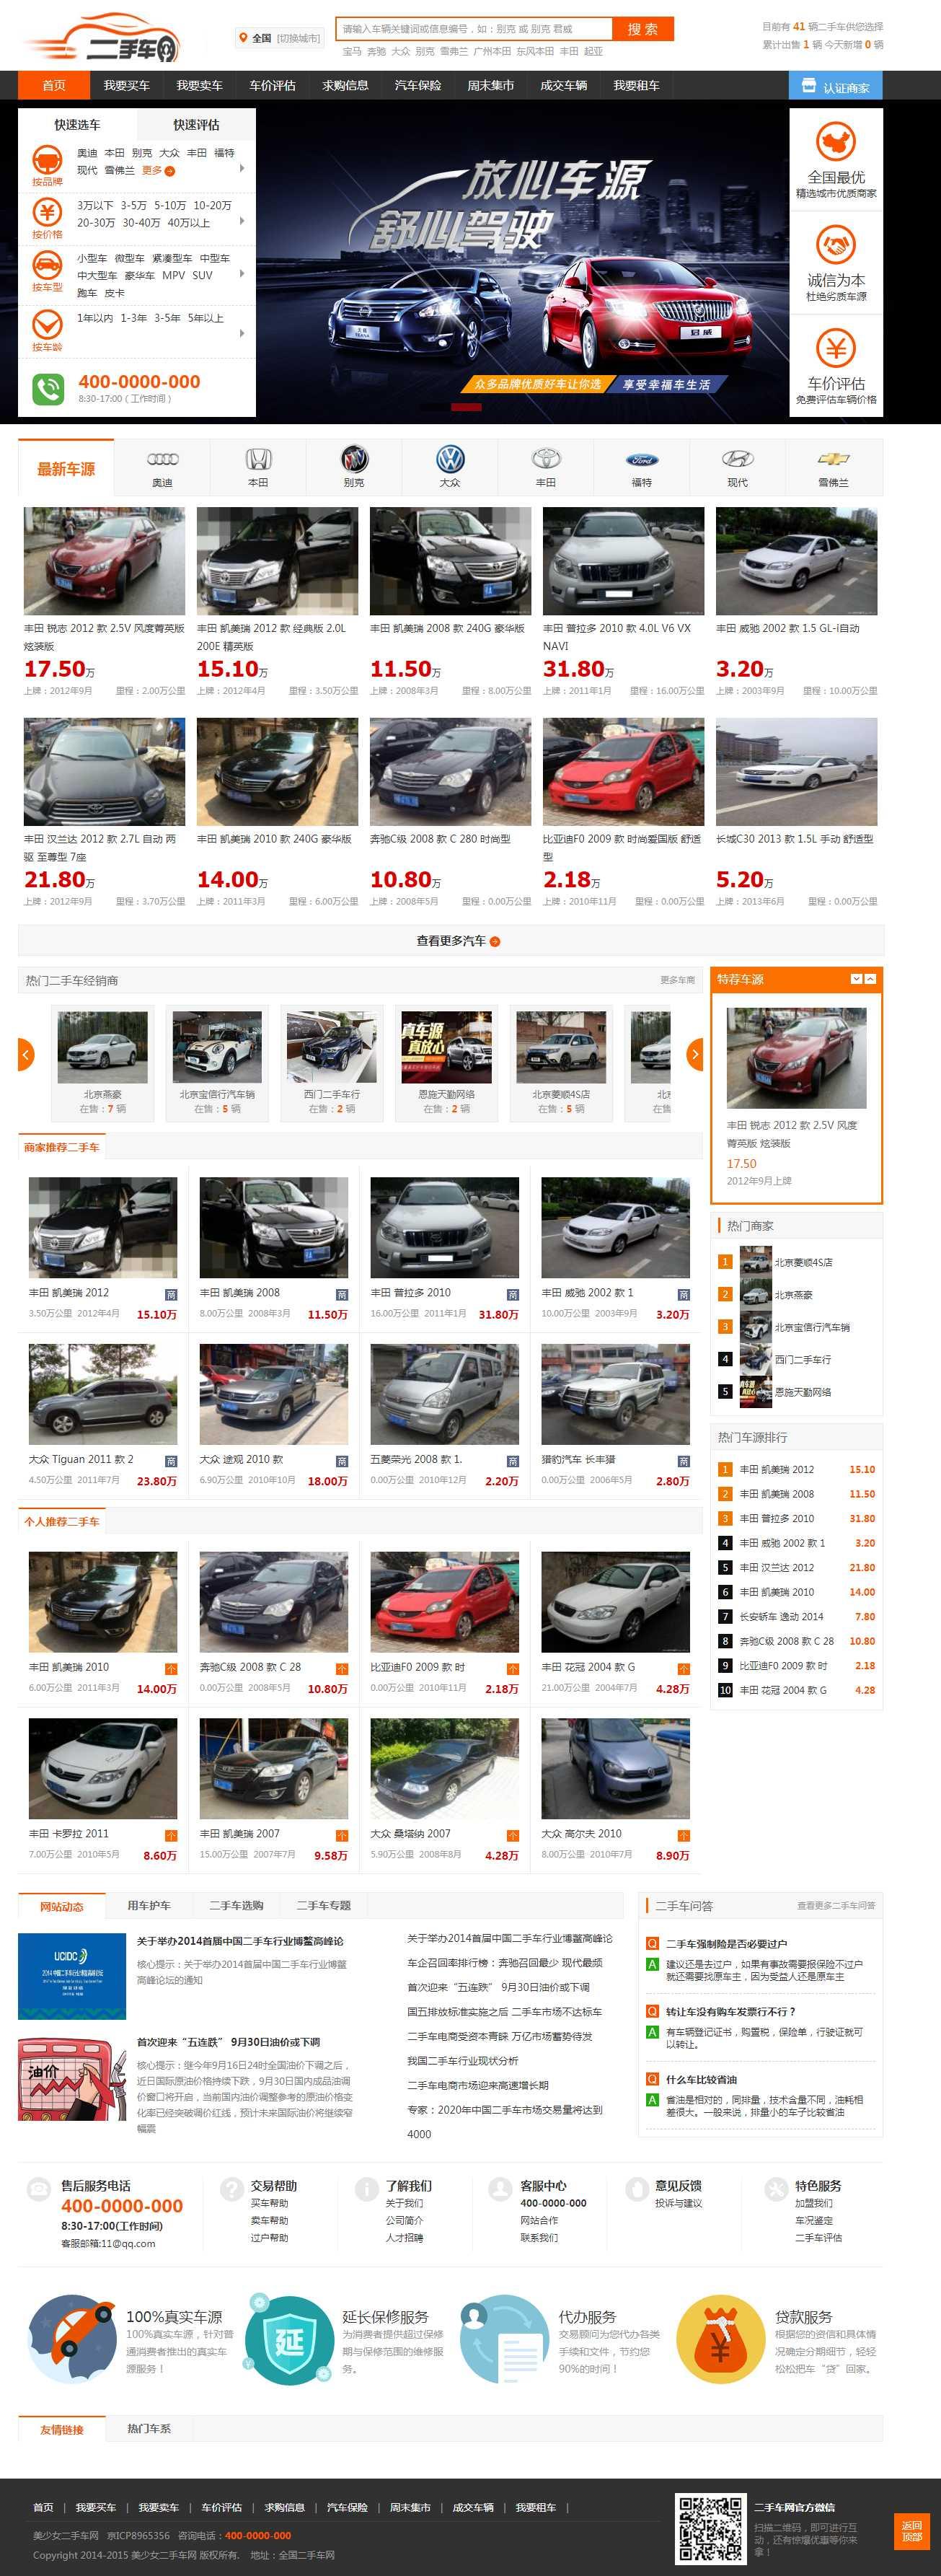 黑色大气PHP二手车在线交易源码模板买车卖车加盟评估资讯 网站源码 第1张